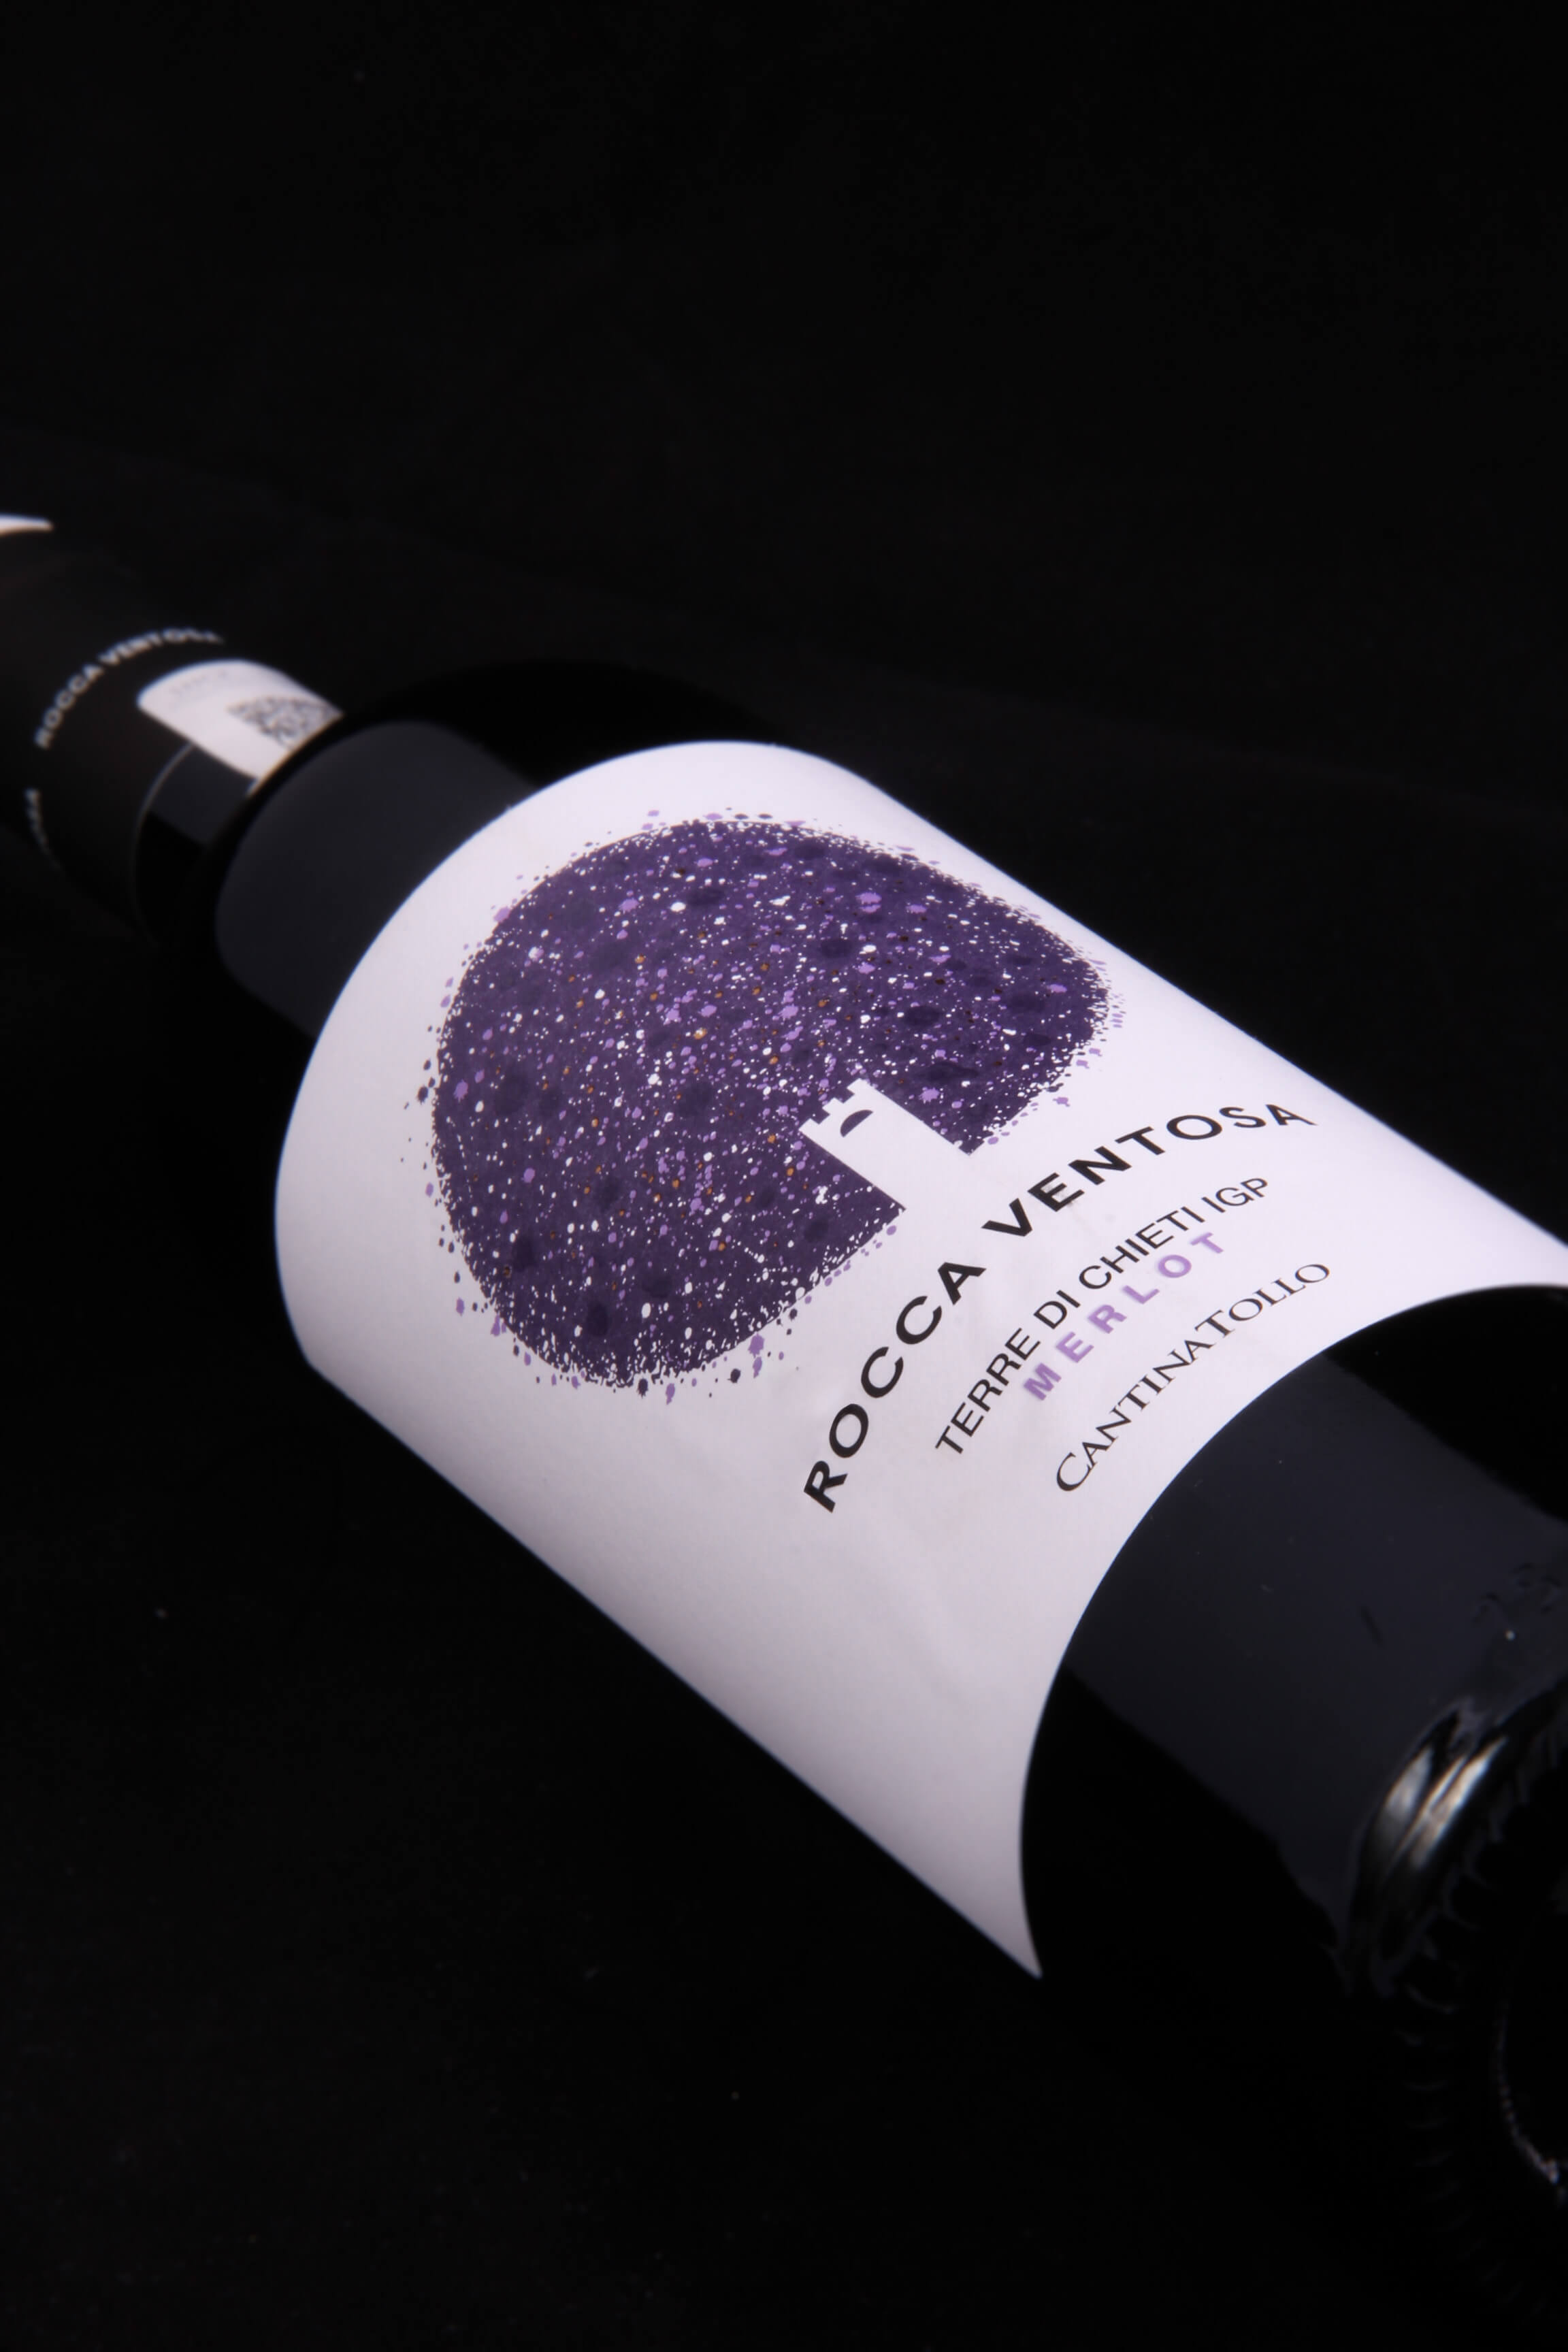 vino_nostrum-importadora_de_vinos_y_alimentos_ok16